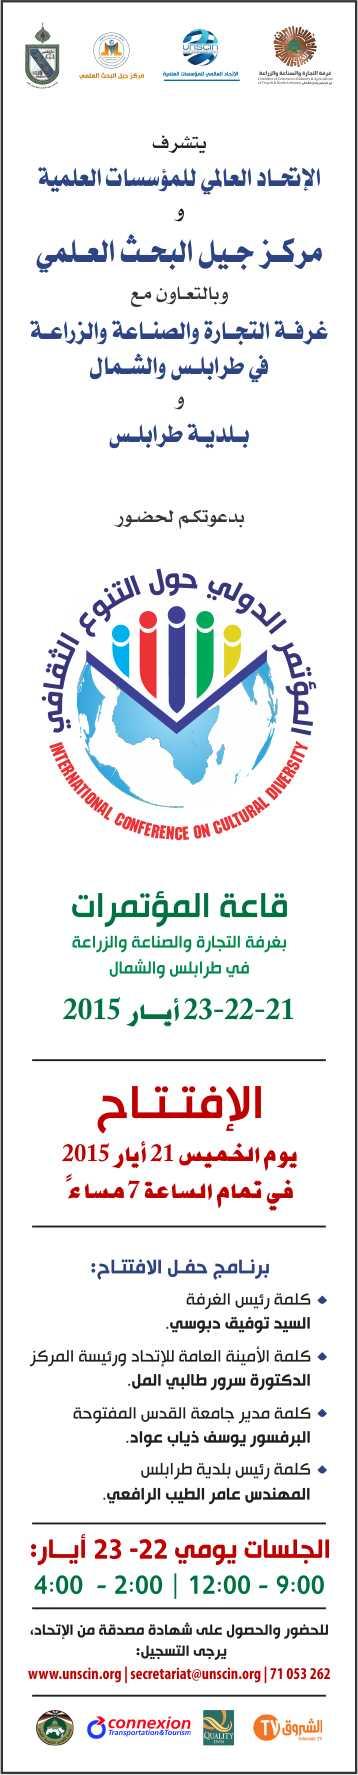 فلكس المؤتمر الدولي حول التنوع الثقافي (2)